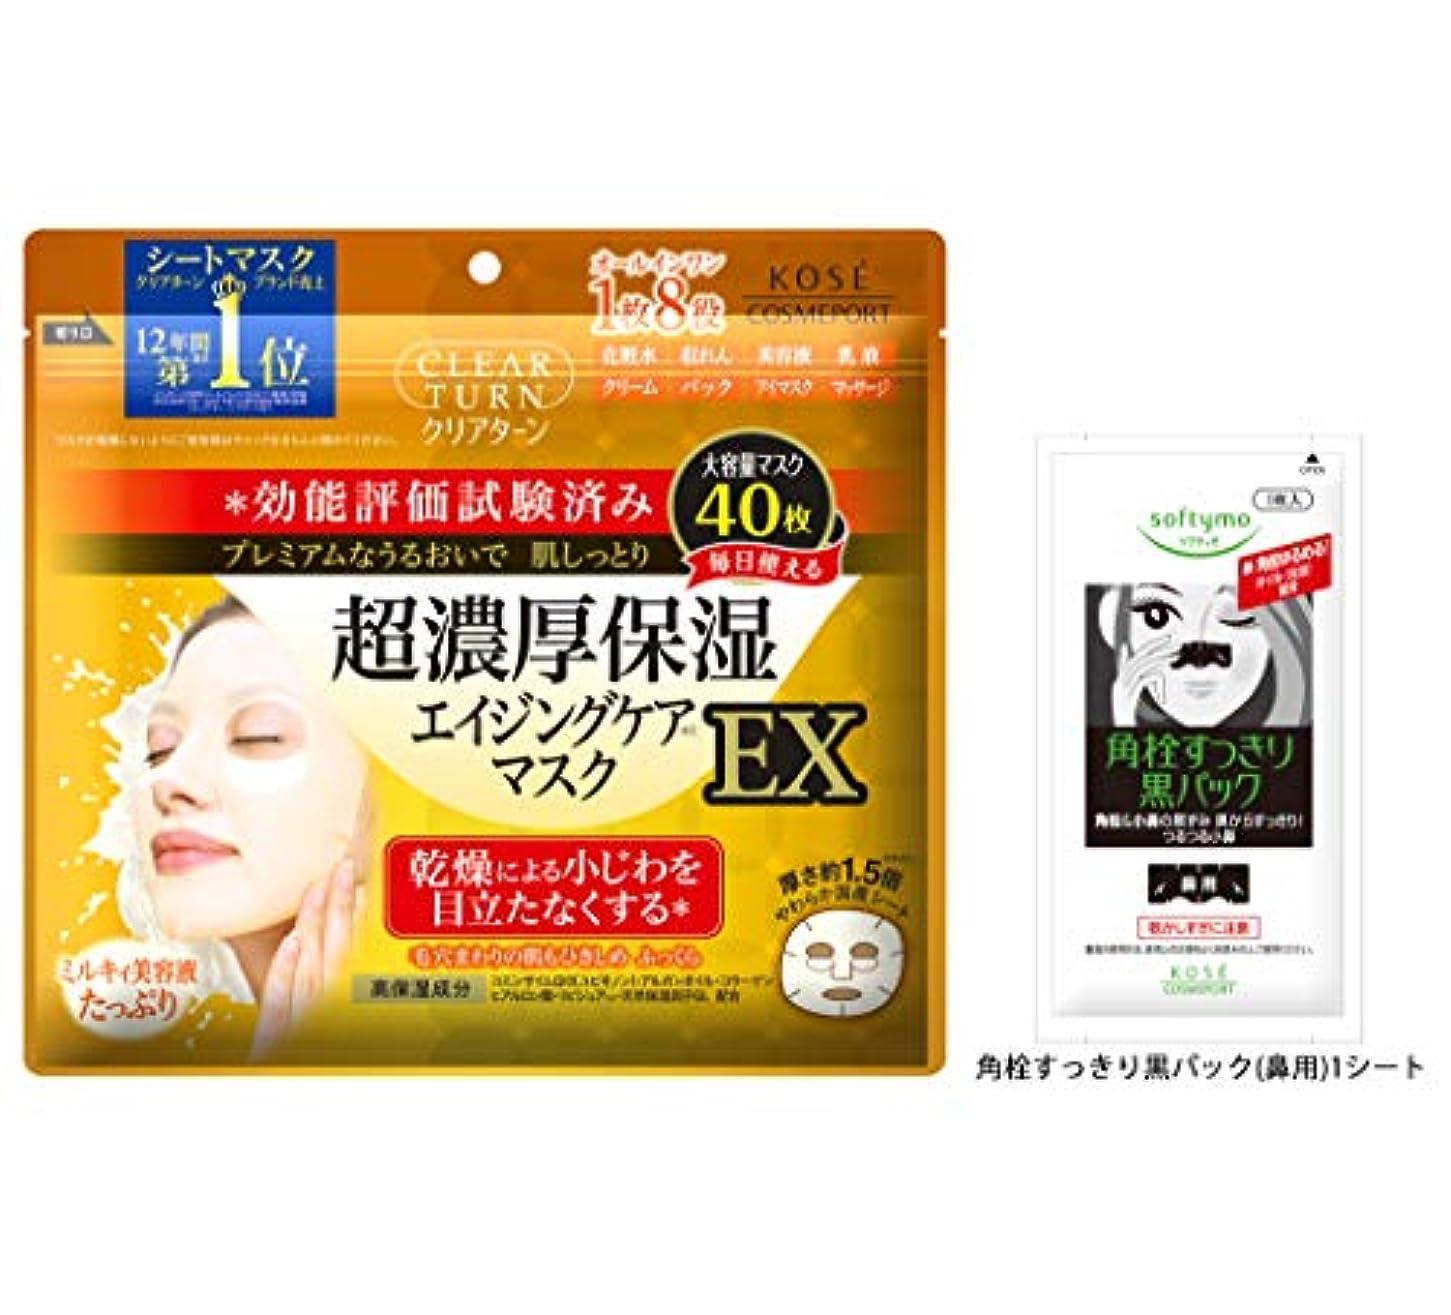 難しい空溶けた【Amazon.co.jp限定】 クリアターン 超濃厚保湿 フェイスマスク EX 40枚入 サンプル付 フェイスパック 40枚+サンプル付